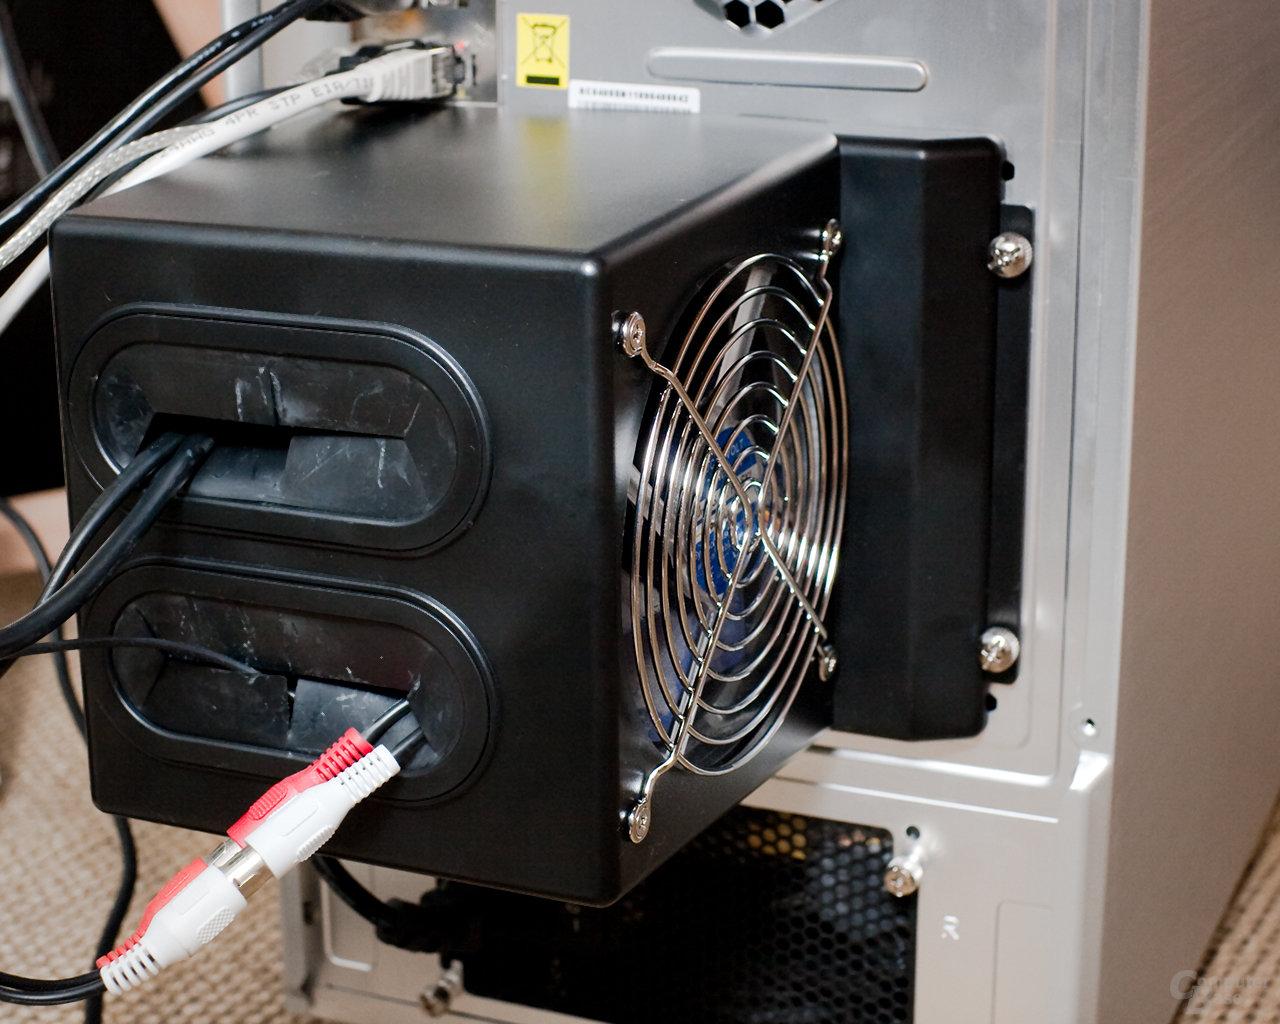 Cooler Master ATCS 840 – Luftkanal